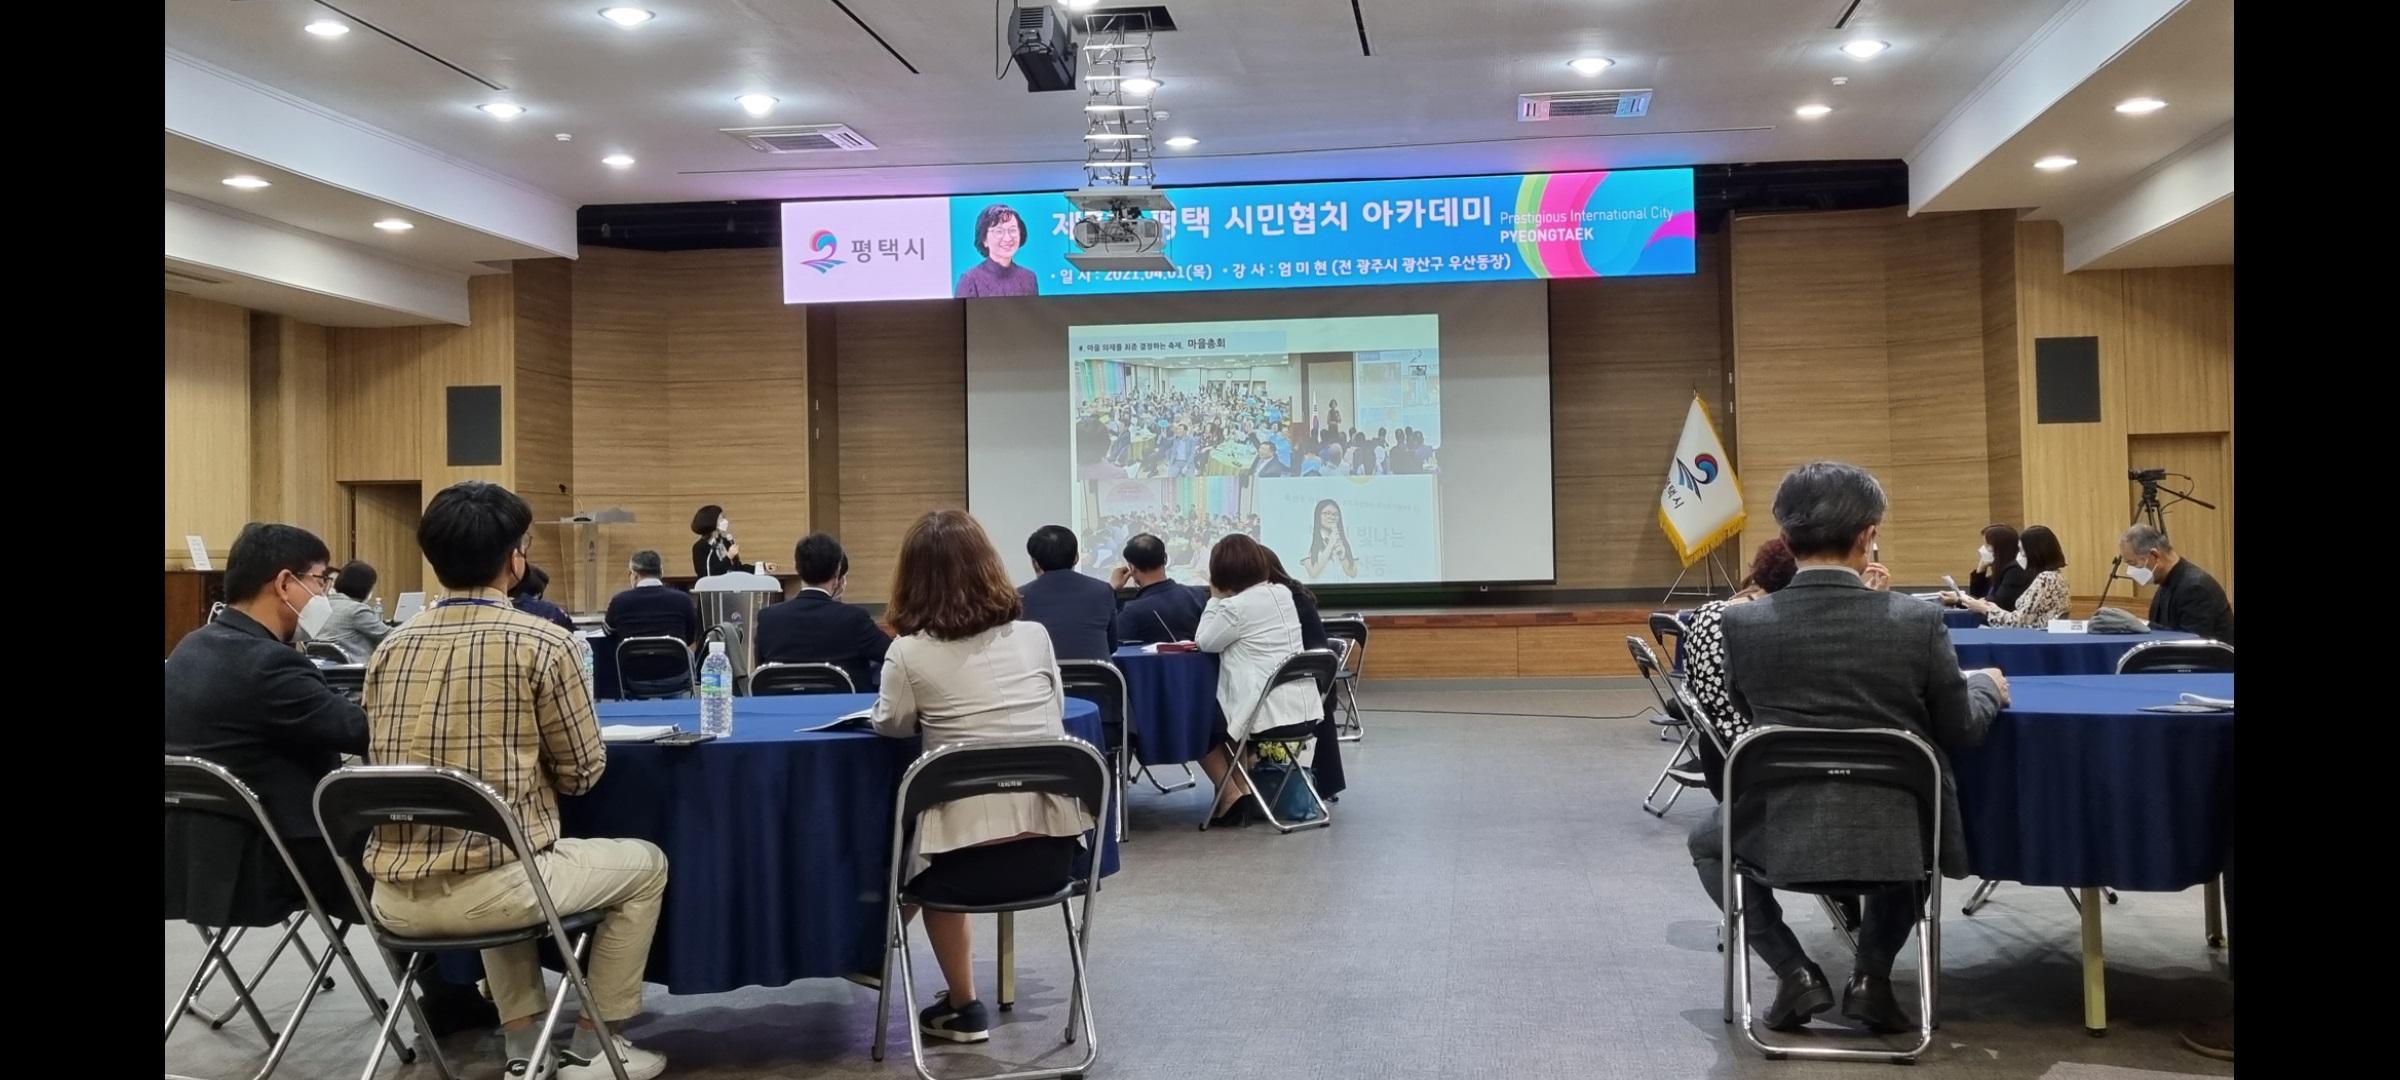 평택시, 제7회 평택 시민협치 아카데미 개최